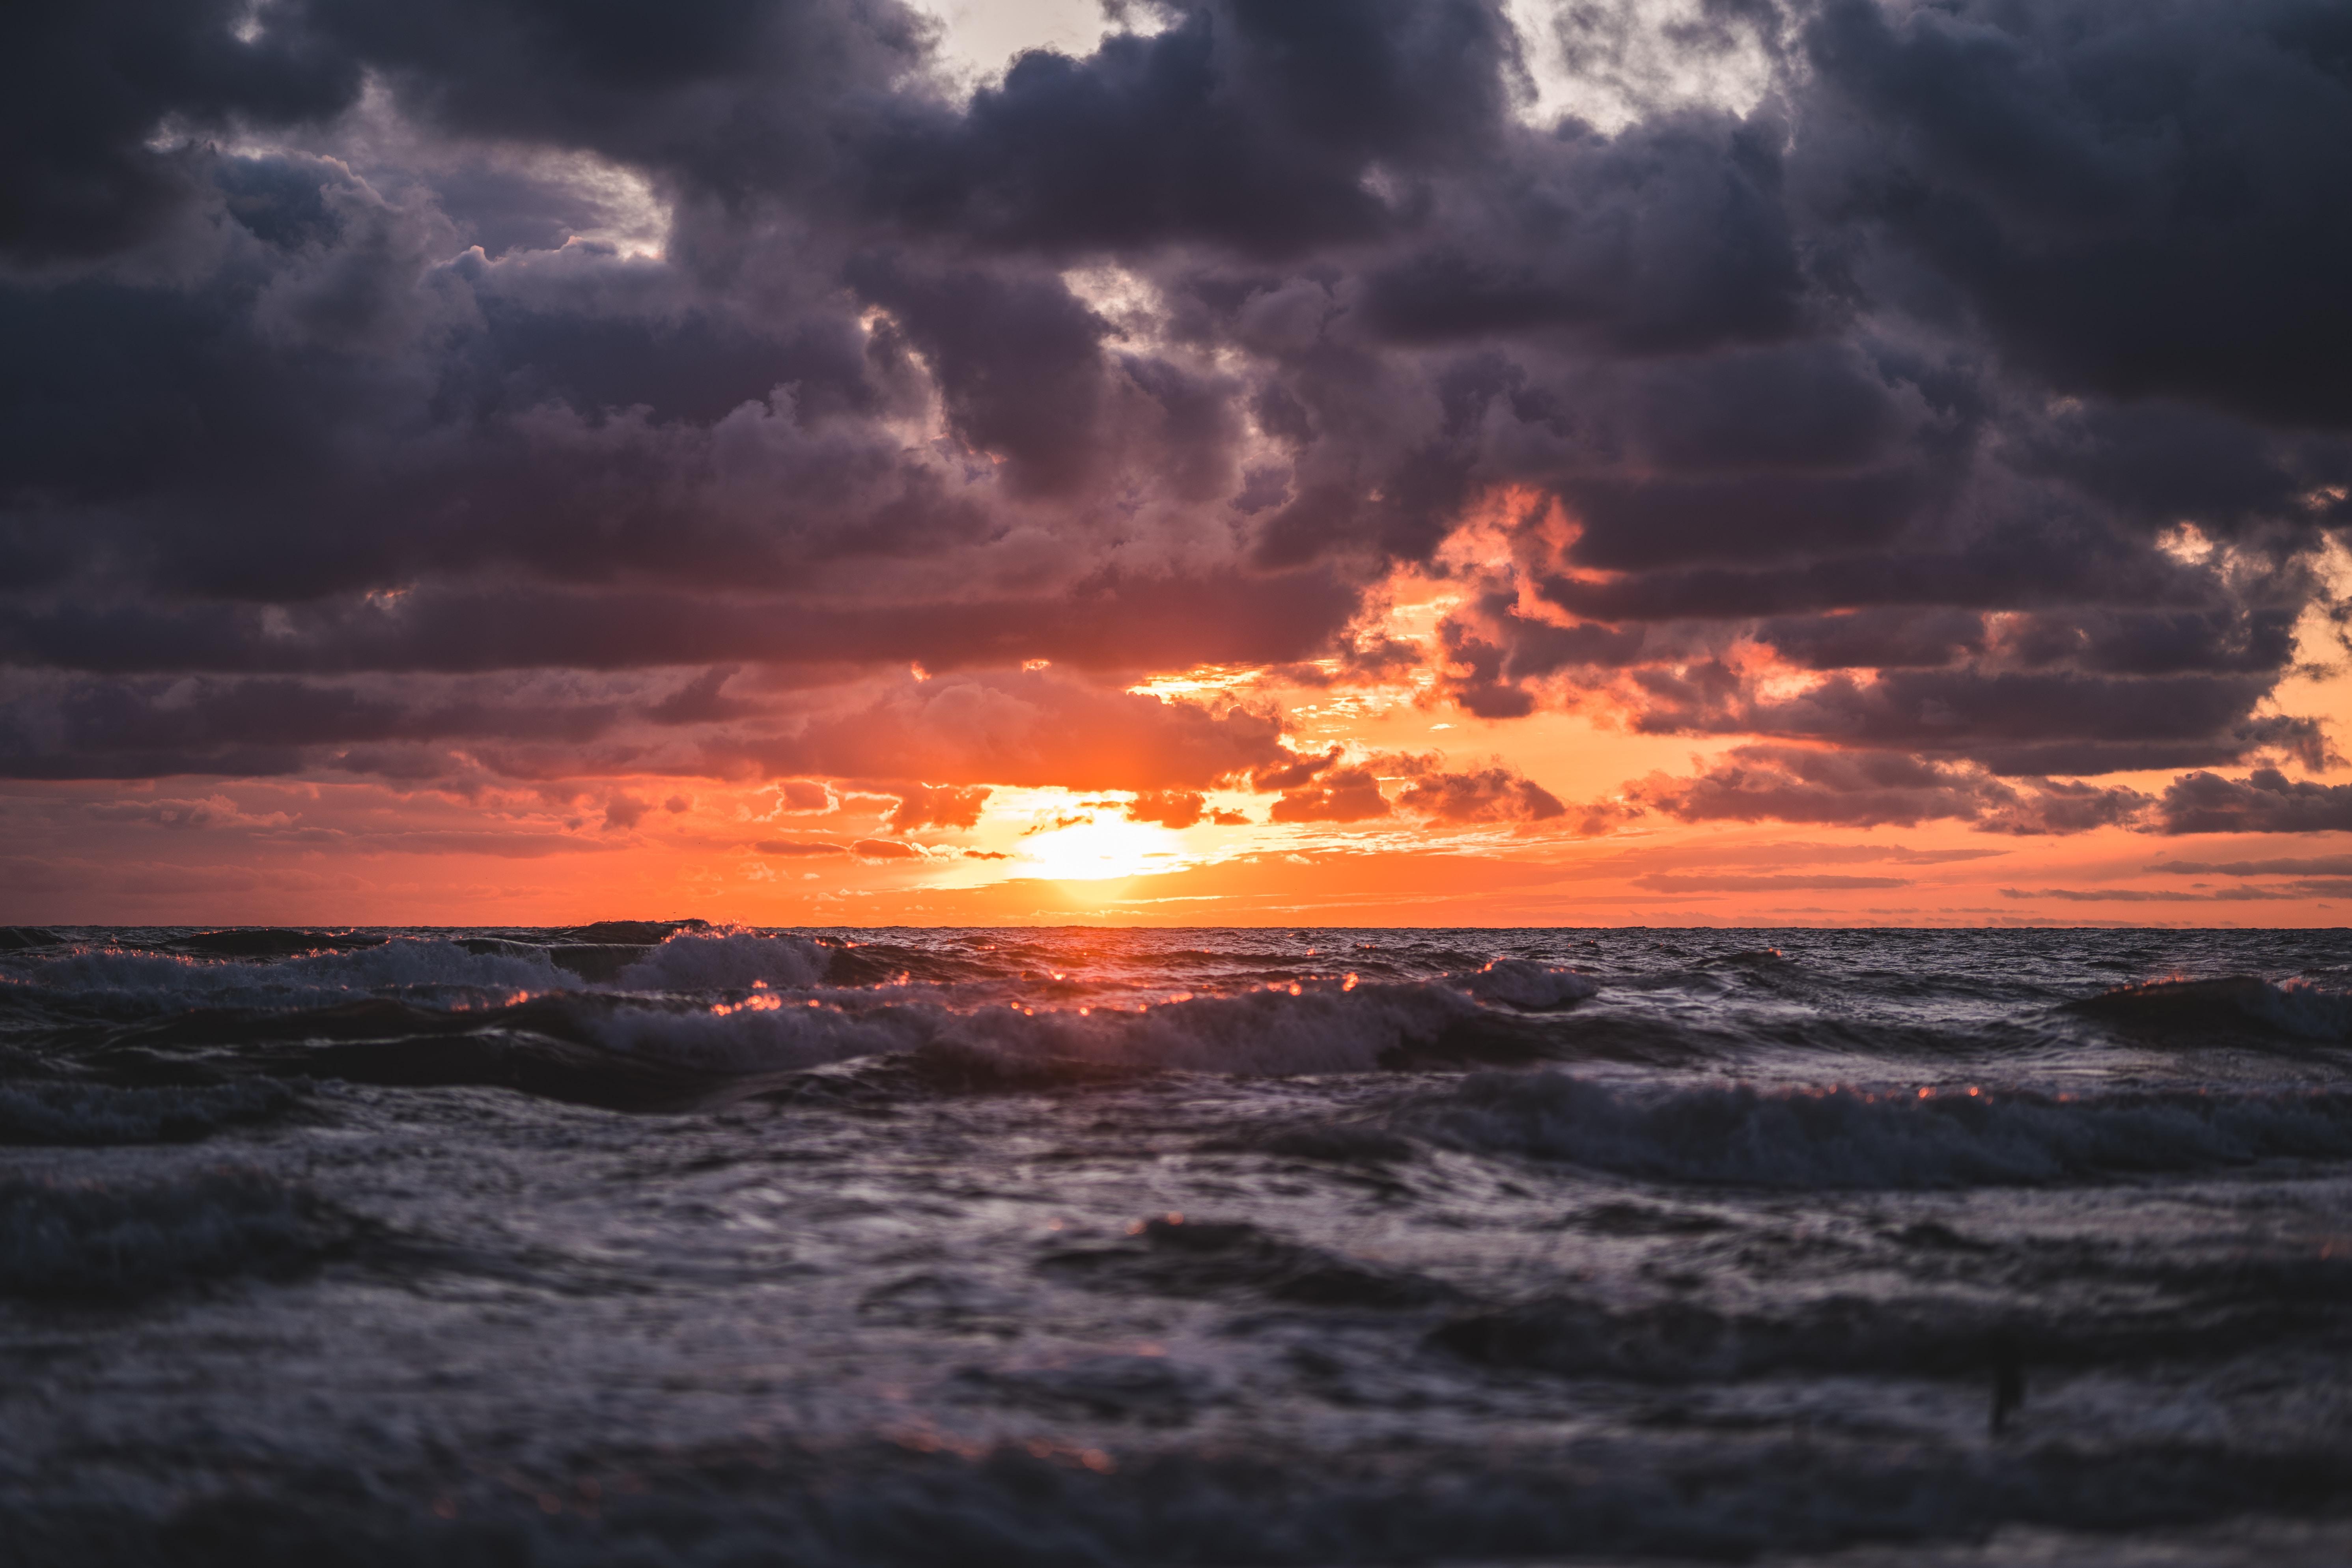 91361 Заставки и Обои Волны на телефон. Скачать Природа, Закат, Море, Облака, Горизонт, Волны картинки бесплатно